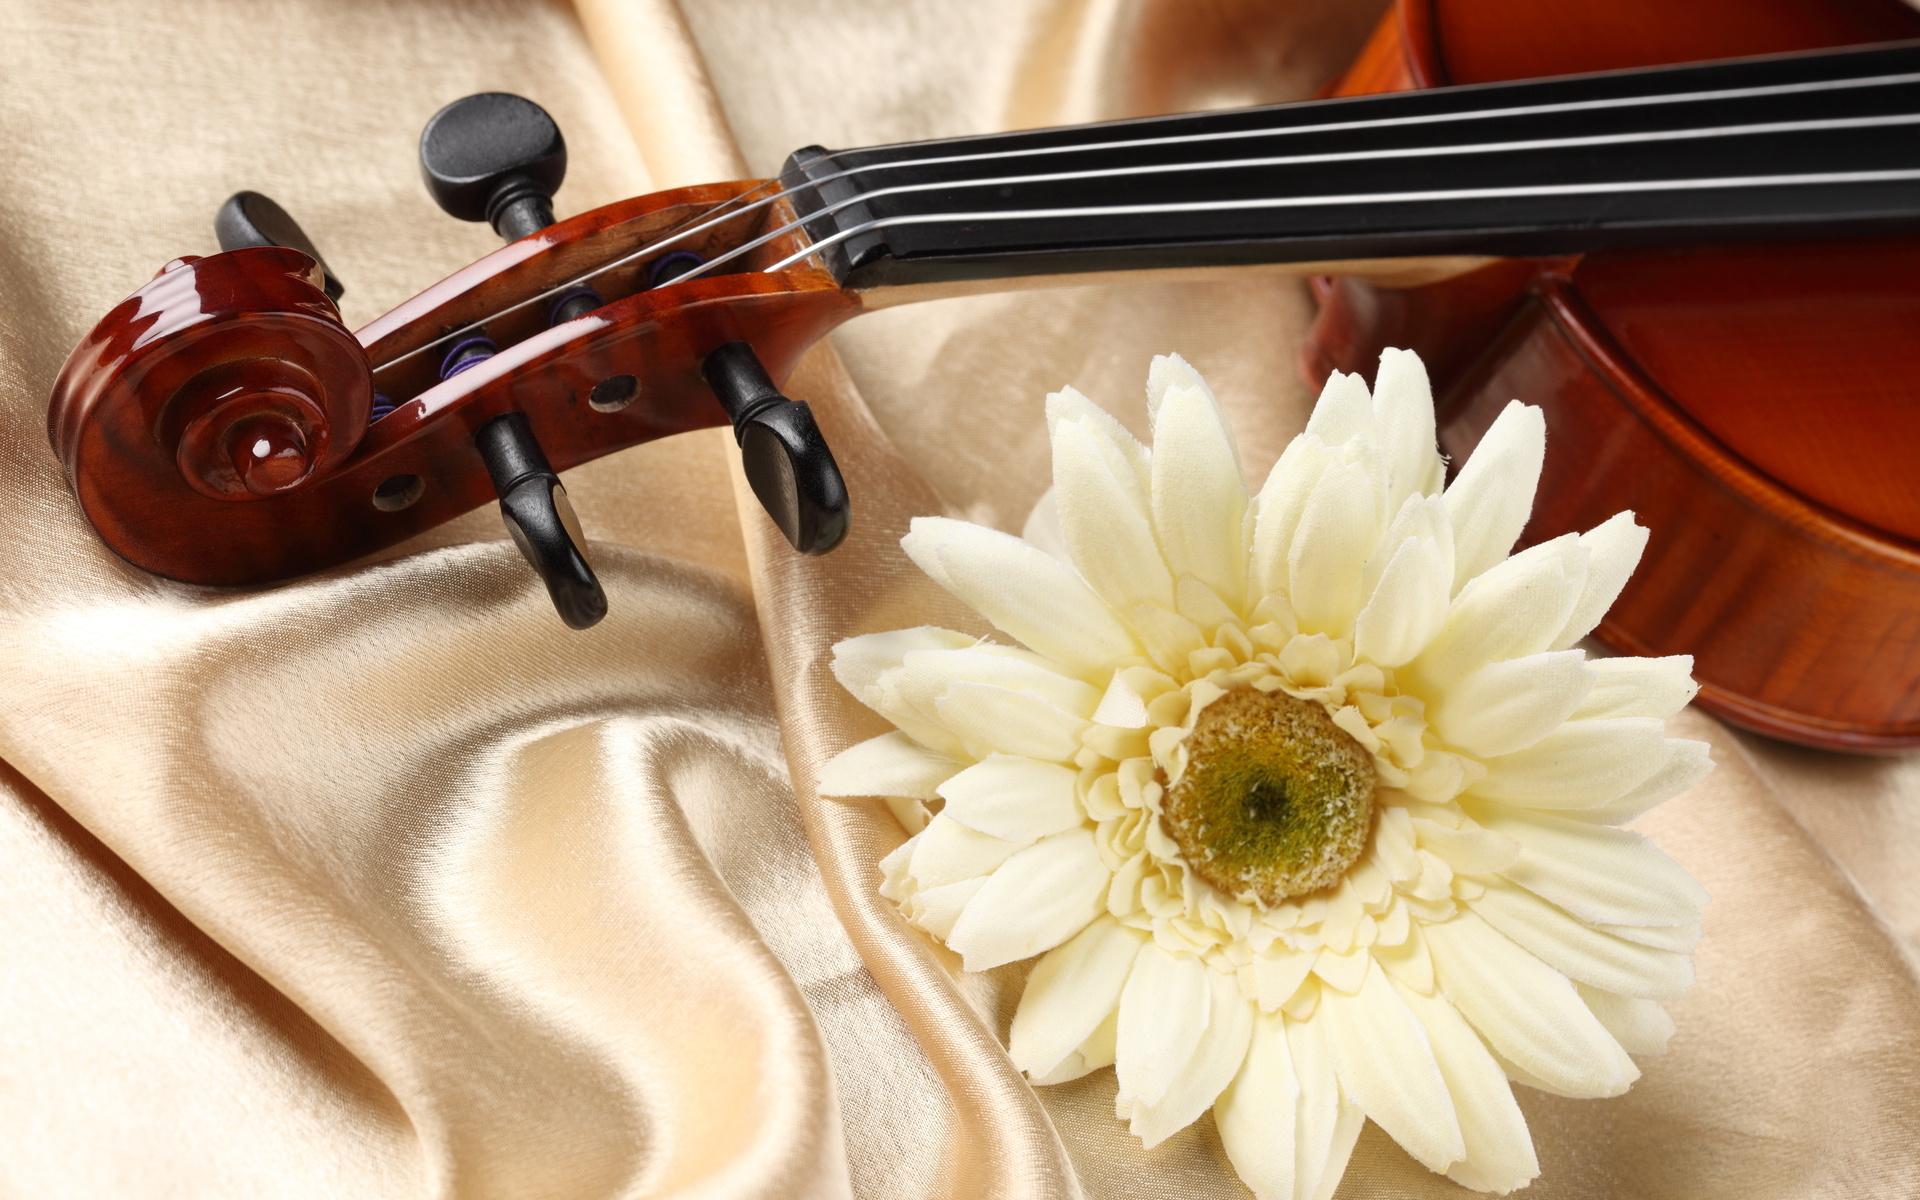 Фотография скрипка fabric satin гербера Цветы Крупным планом 1920x1200 Скрипки Герберы цветок вблизи